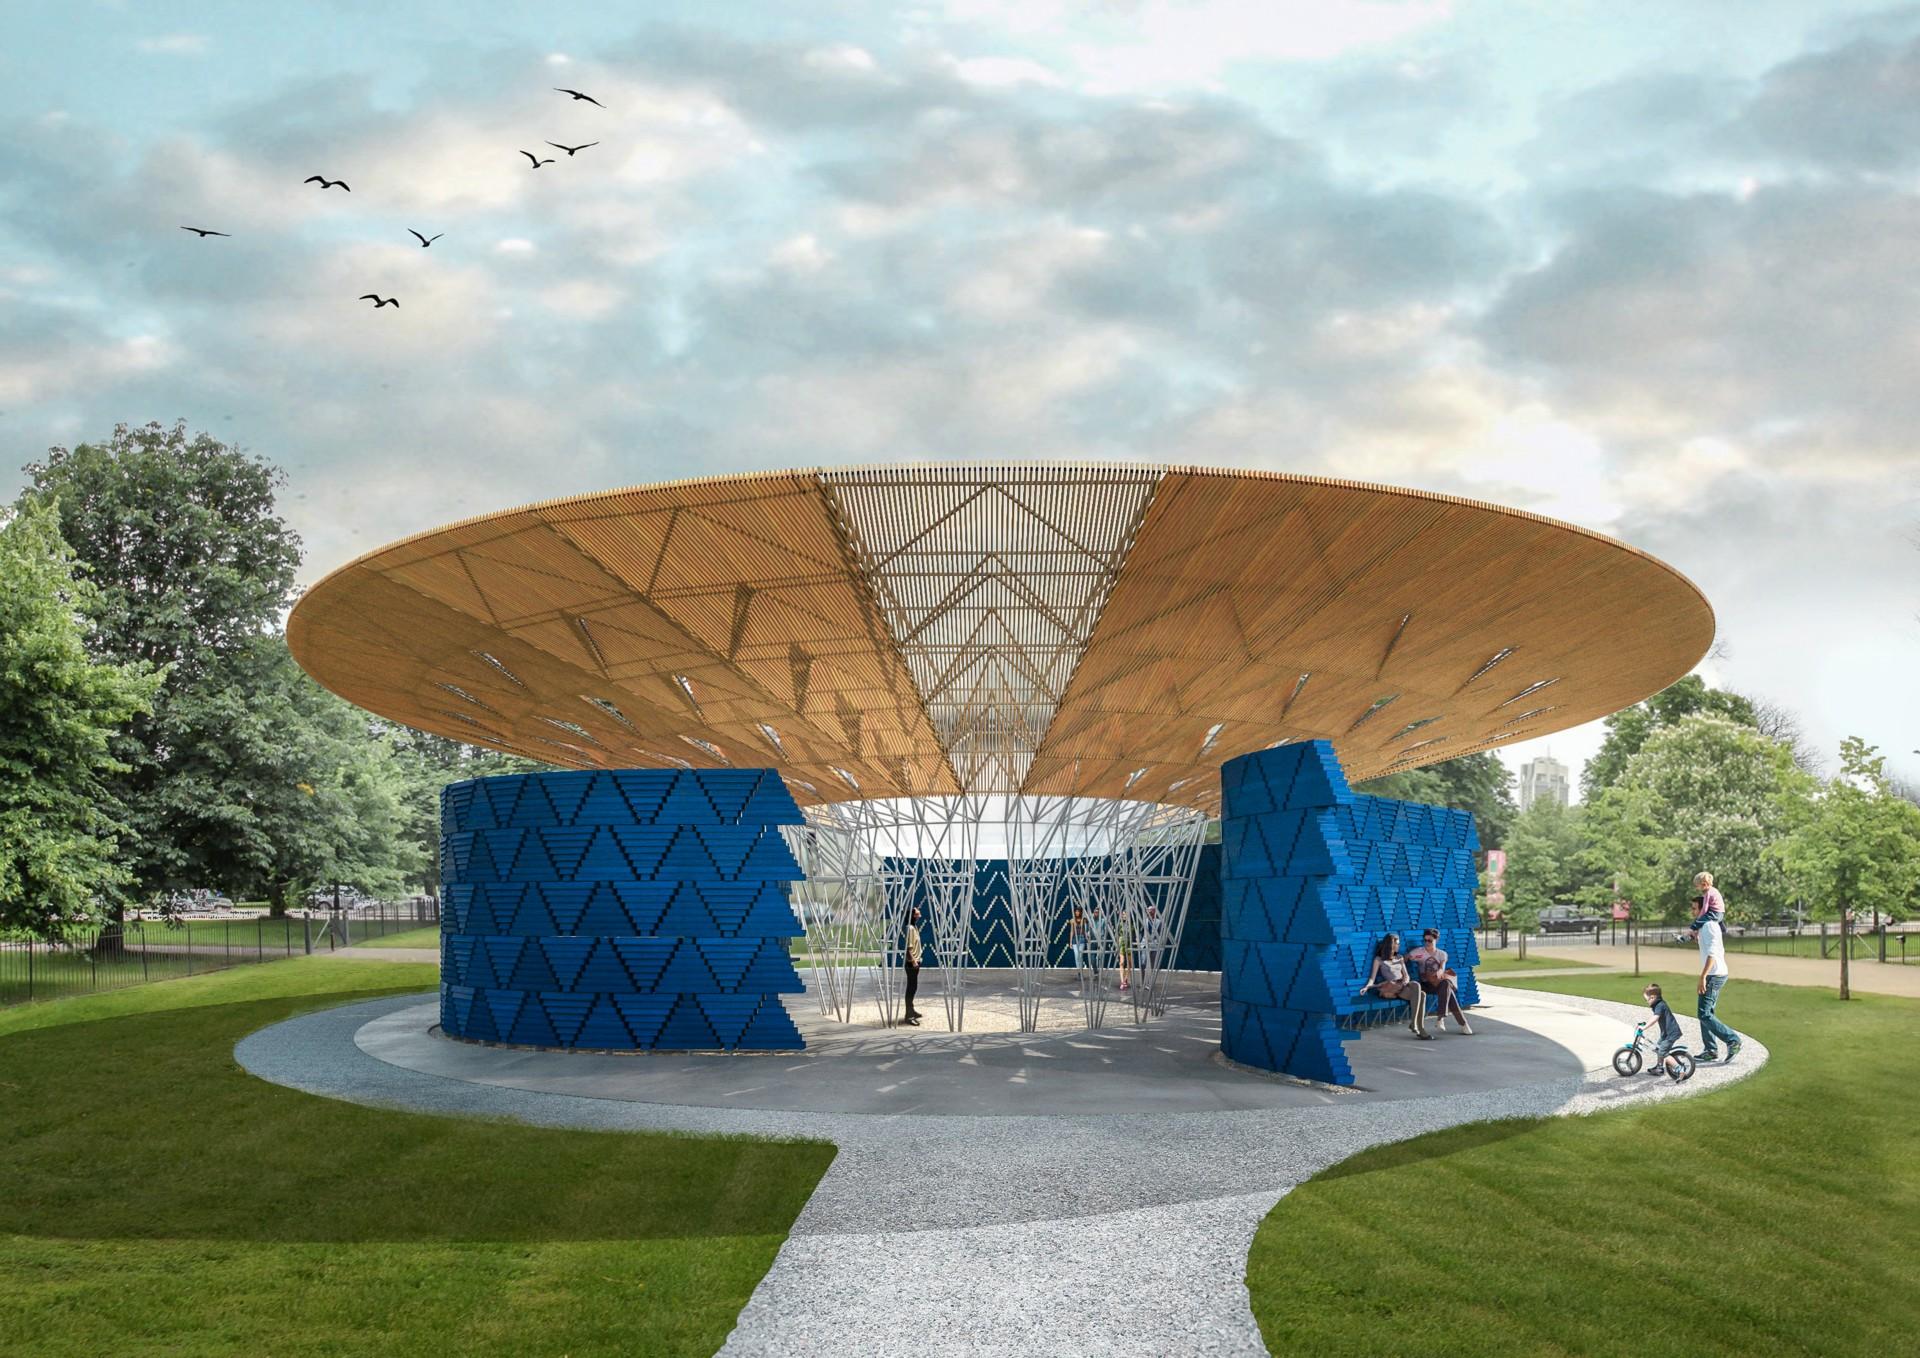 The architect of the 2017 Serpentine Pavilion is Diébédo Francis Kéré